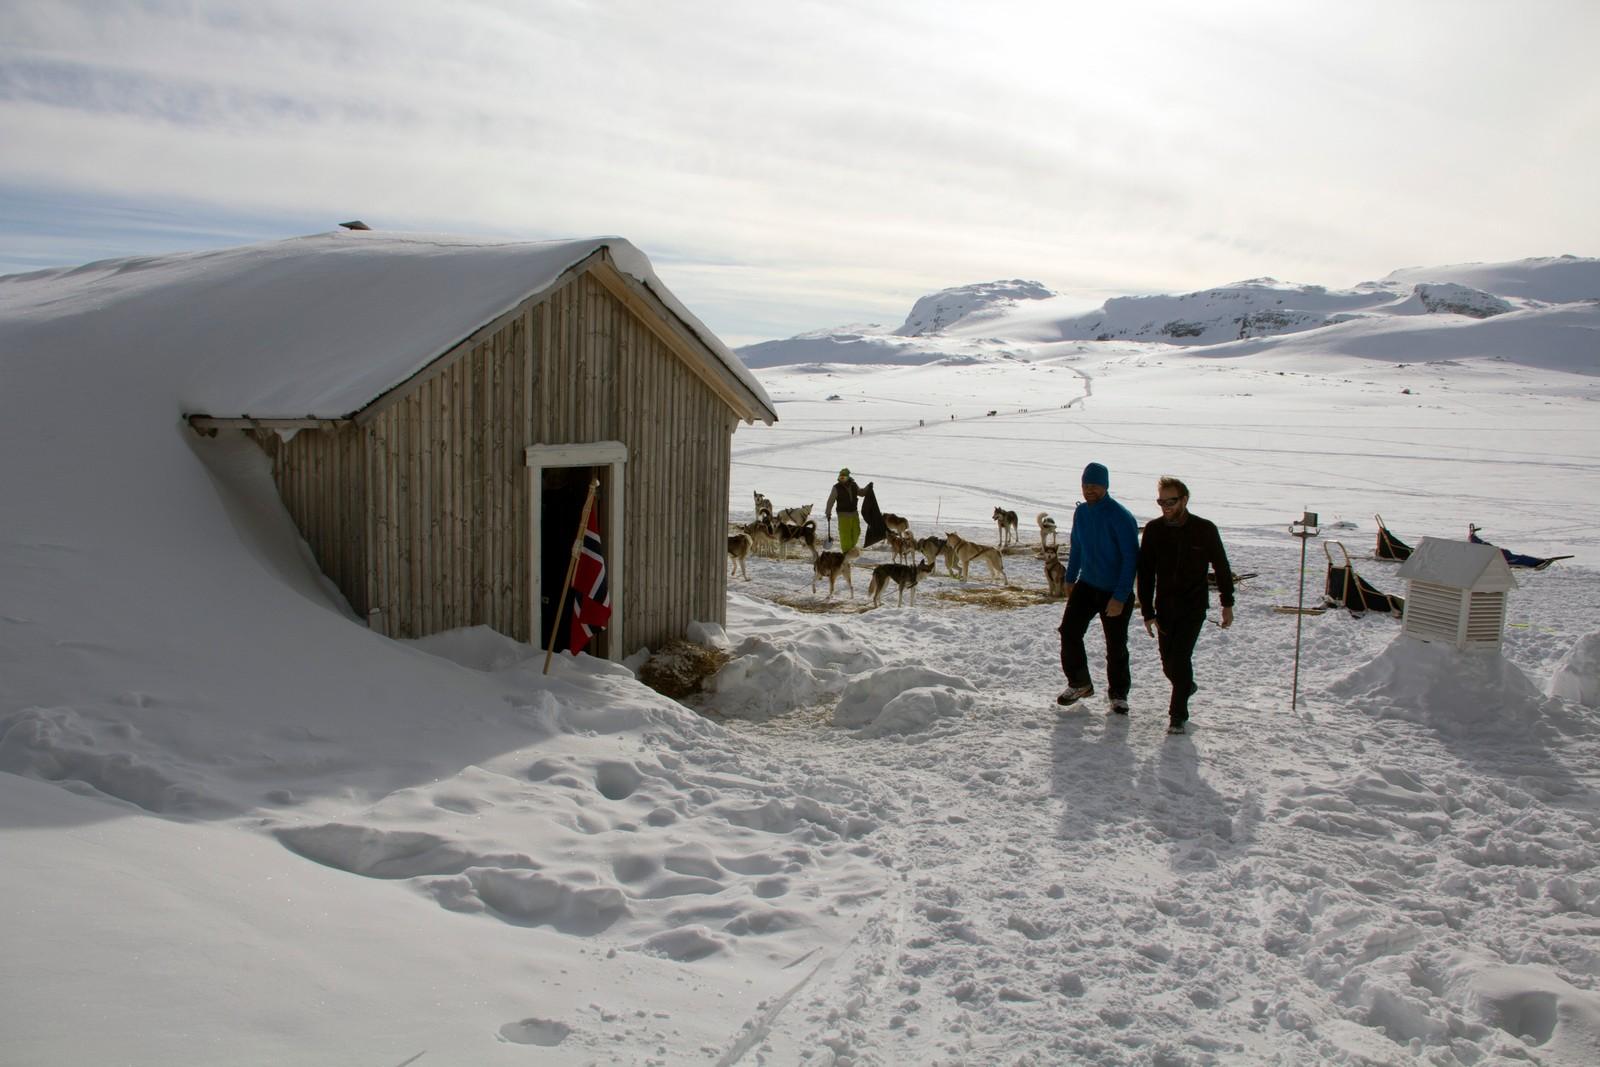 Gründerne Harald Kippenes og Anders Bache har rekonstruert Roald Amundsens overvintringshytte Framheim. Originalen stod i Hvalbukta i Antarktis, den nye står nedenfor perrongen på Finse stasjon.